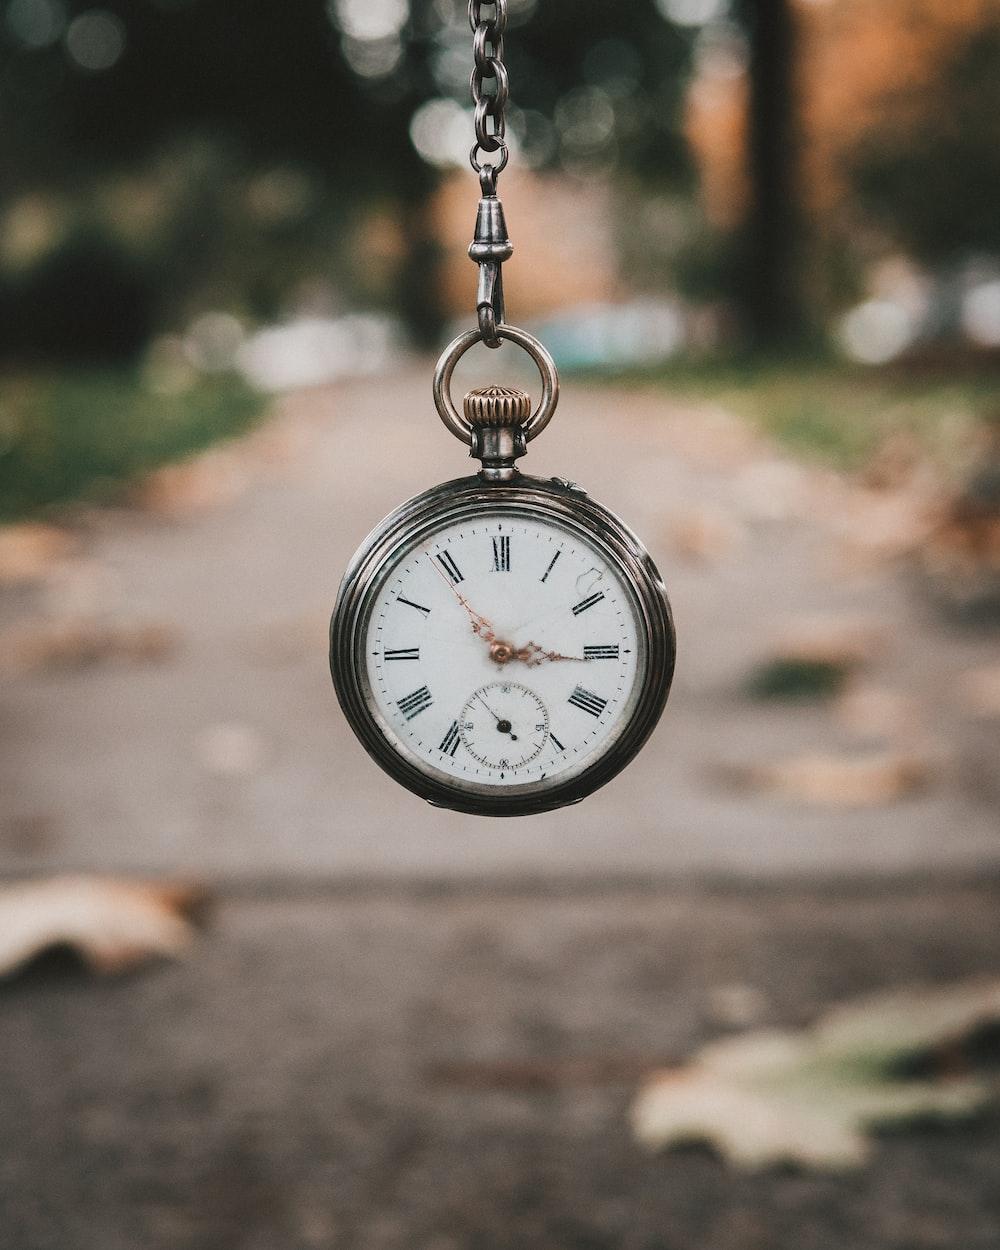 pocket watch at 3:55